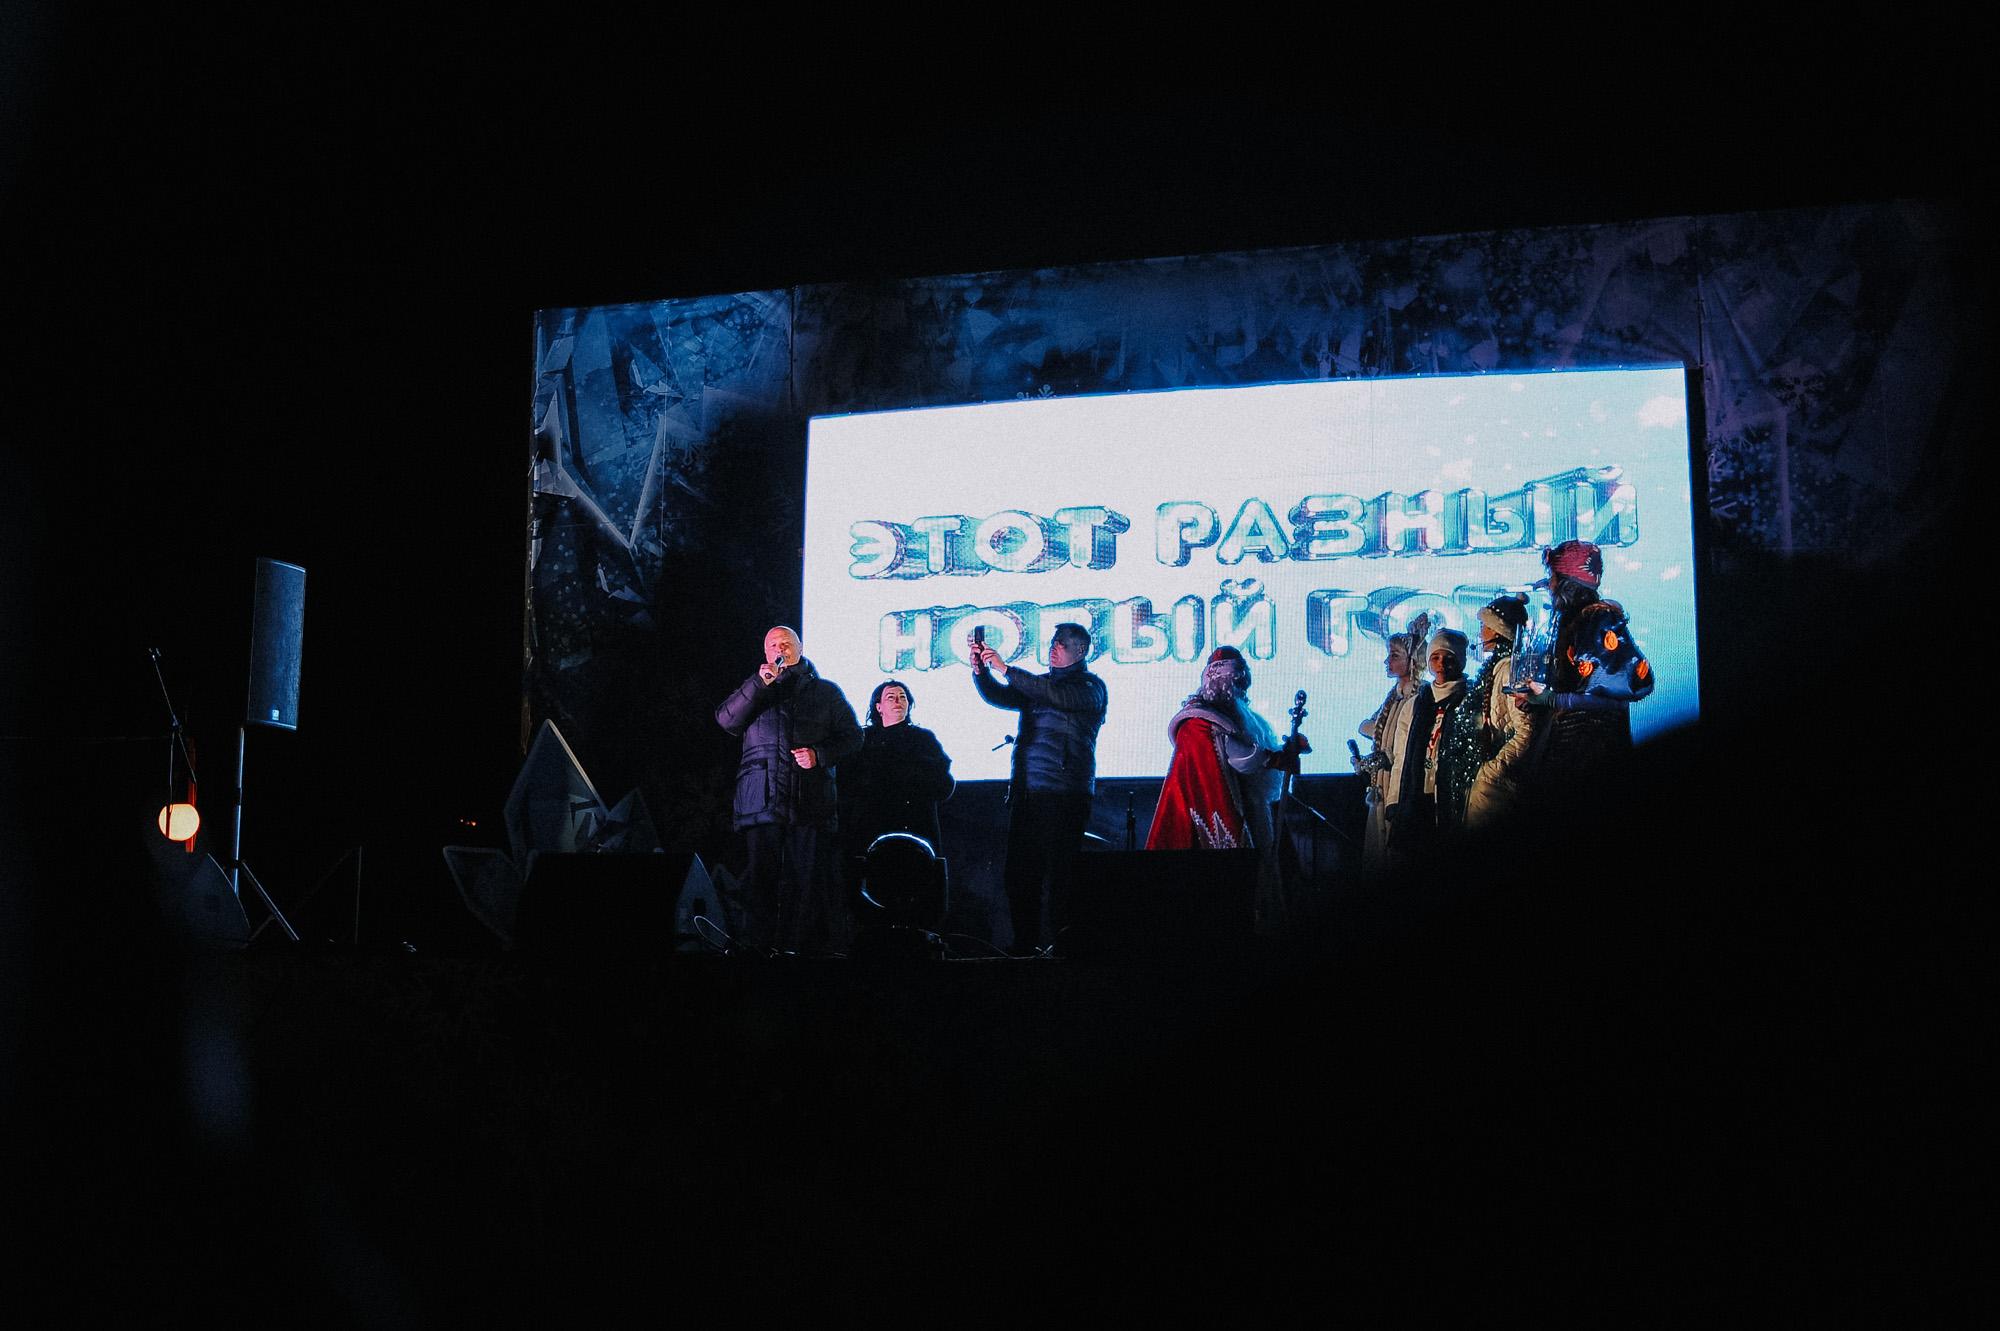 ZZZ 6969 В Астрахани на площади Ленина зажгли новогоднюю елку: кадры торжества